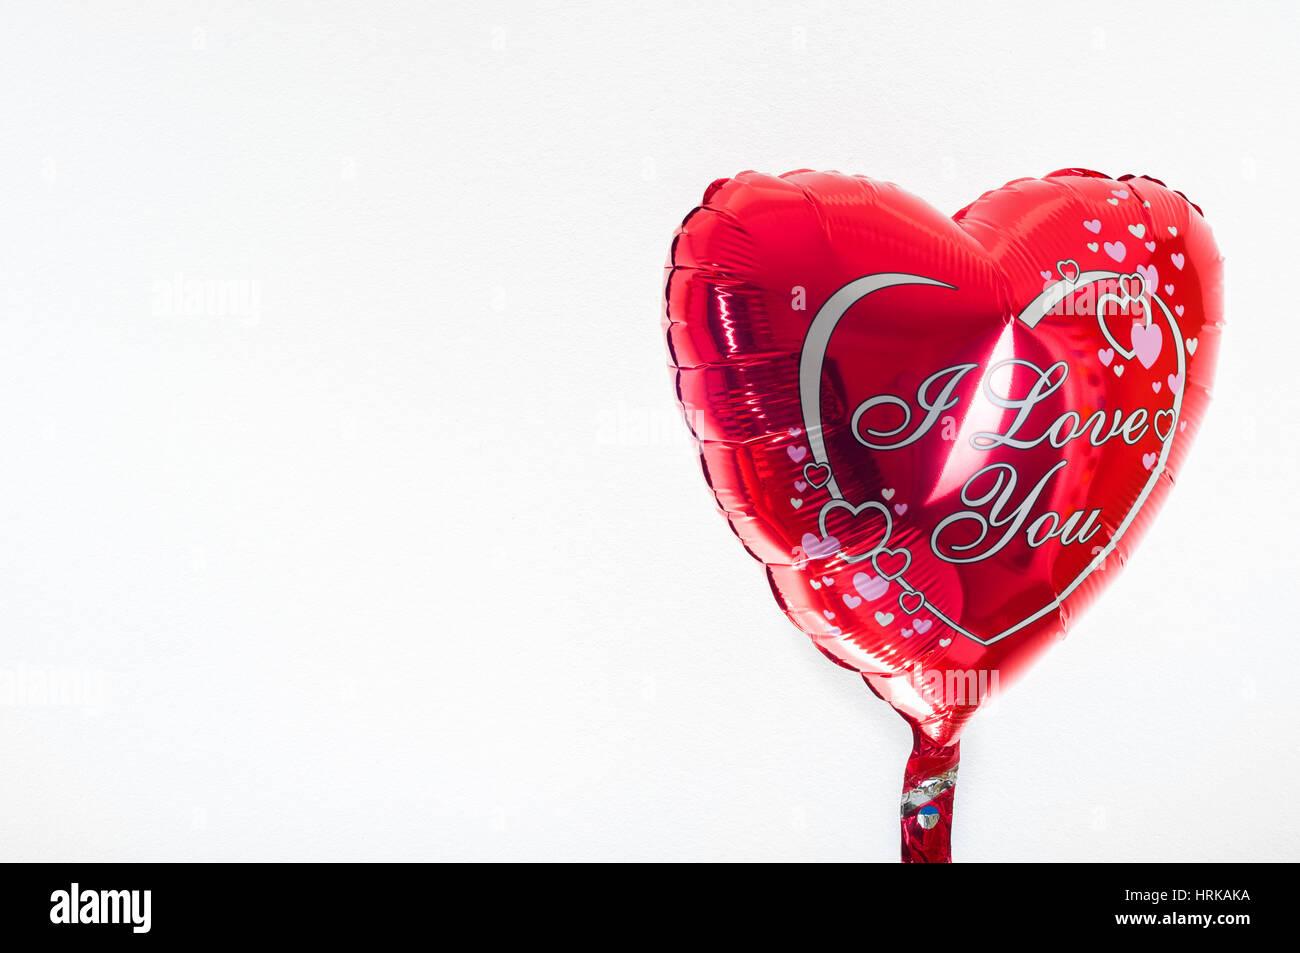 Il Giorno Di San Valentino Compleanno Amore Concetto Cuore Rosso